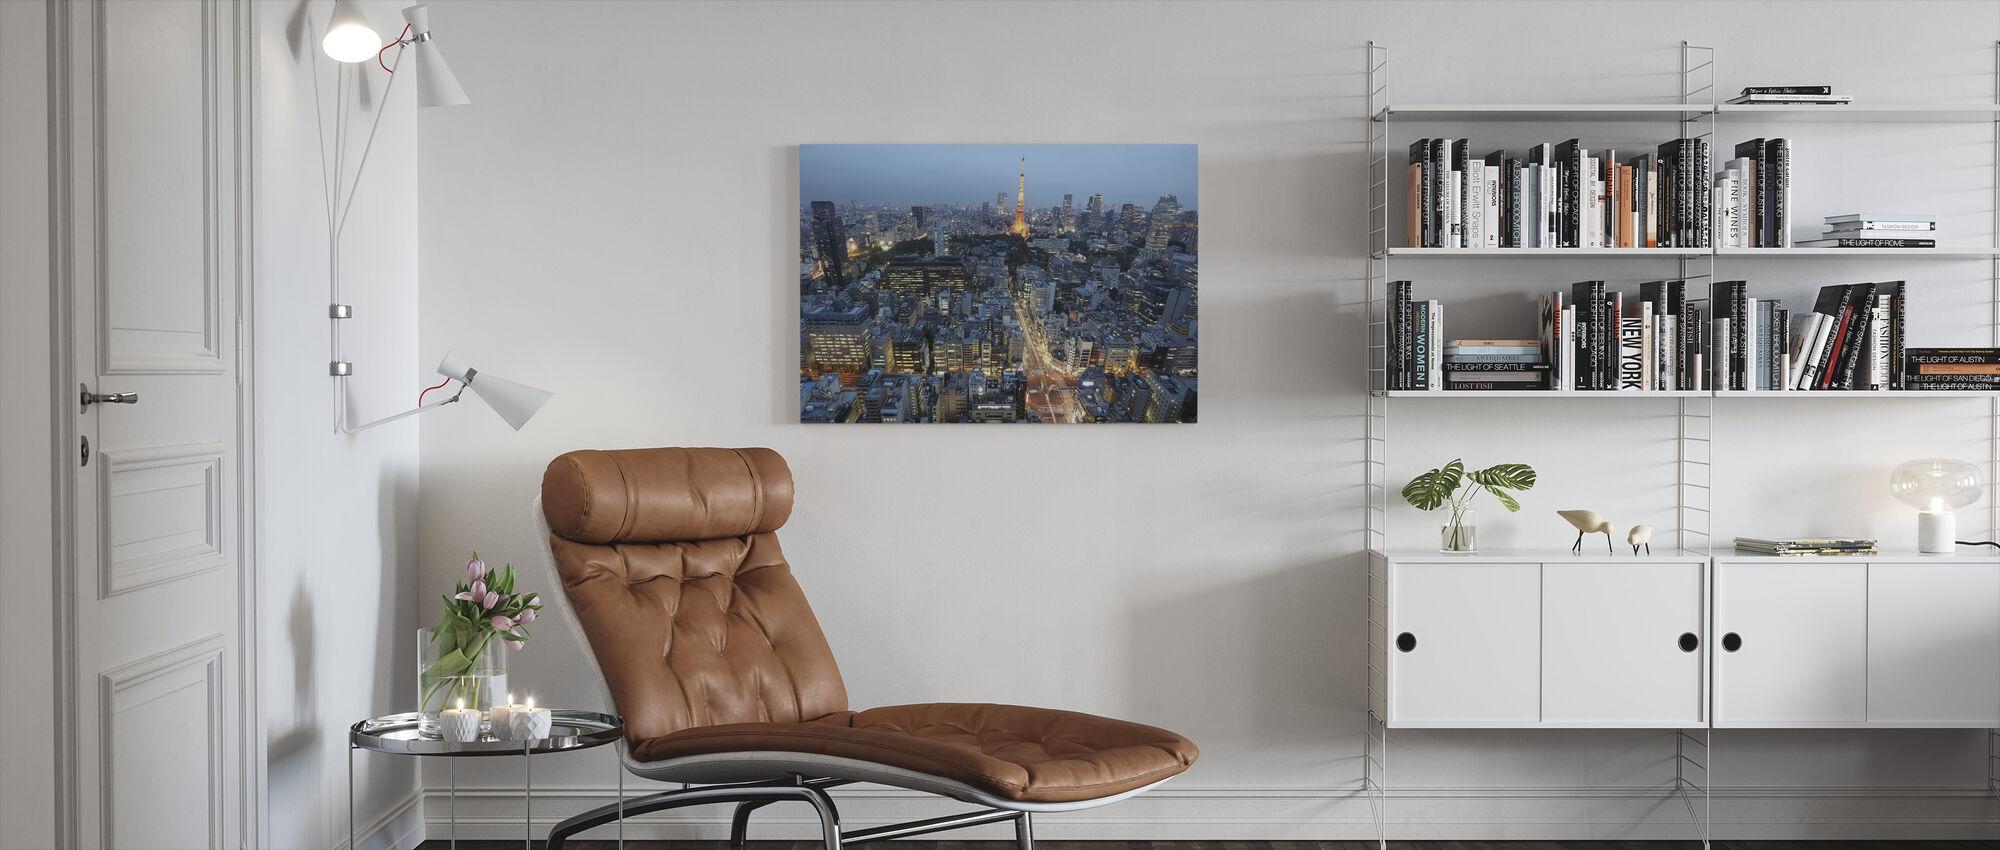 Centrala Paris - Canvastavla - Vardagsrum